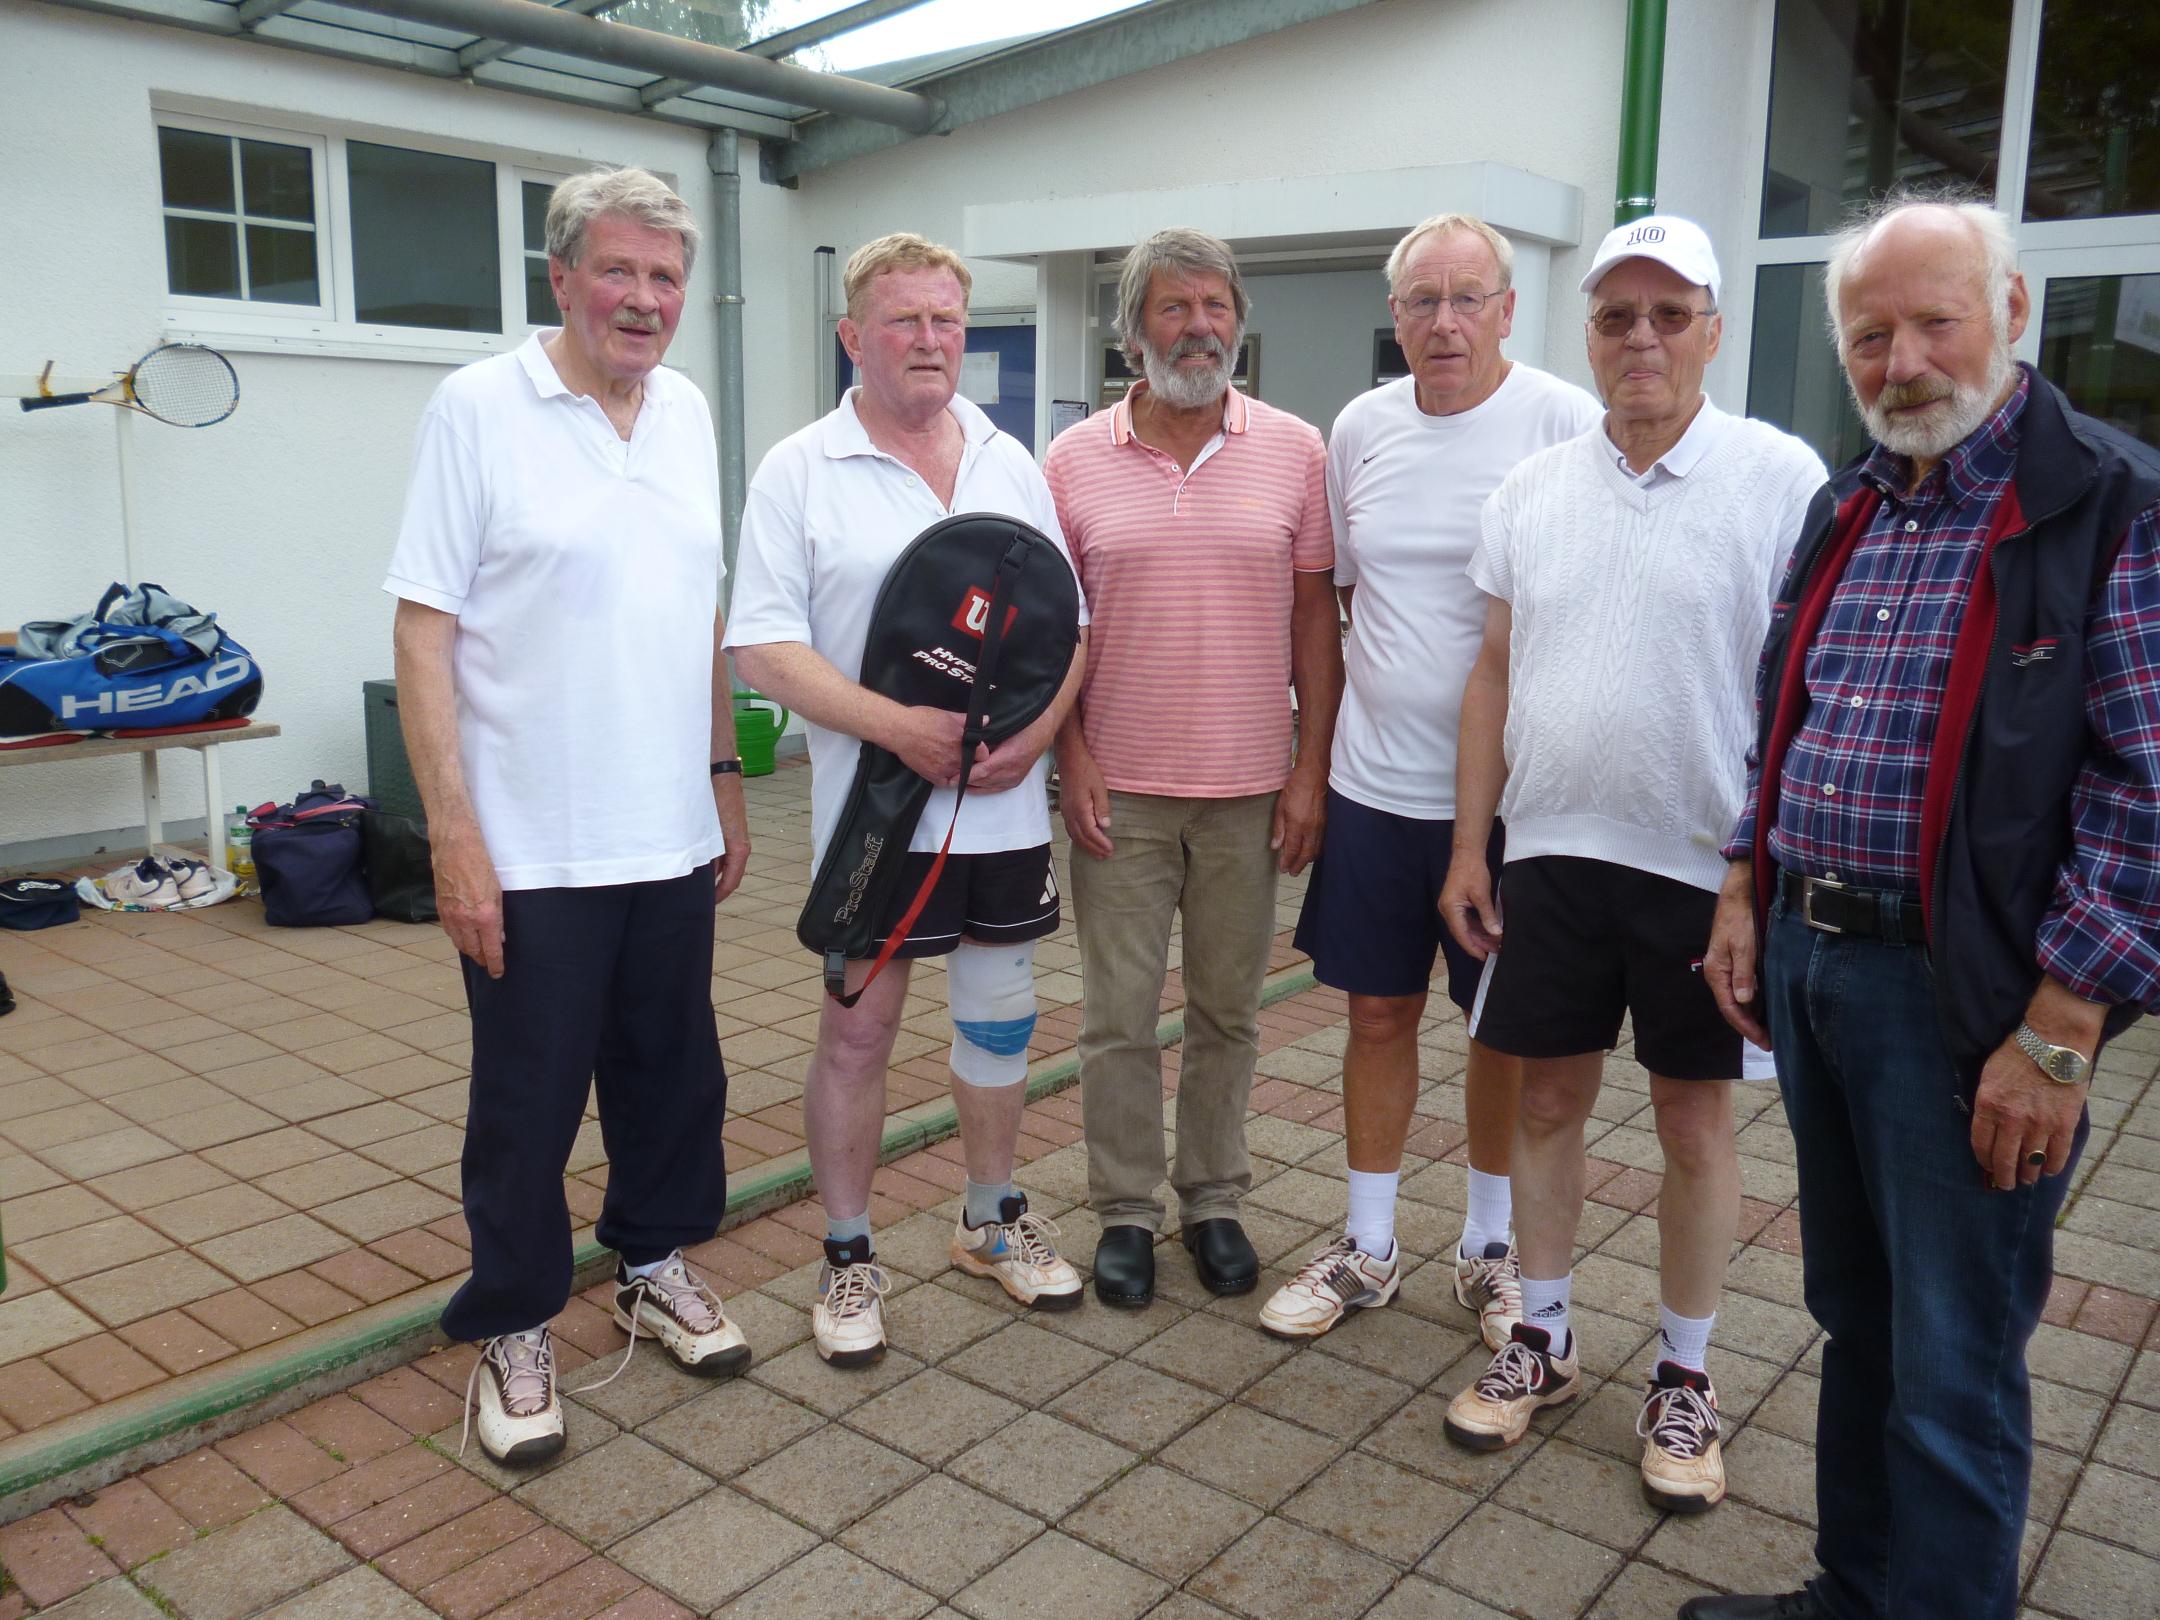 die siegreichen Herren v.l. Lothar Hangebrauck, Franz Nienhaus, Ulrich Wittenberg, Werner Heuft, Ralf Weiß, Heiko Ritter